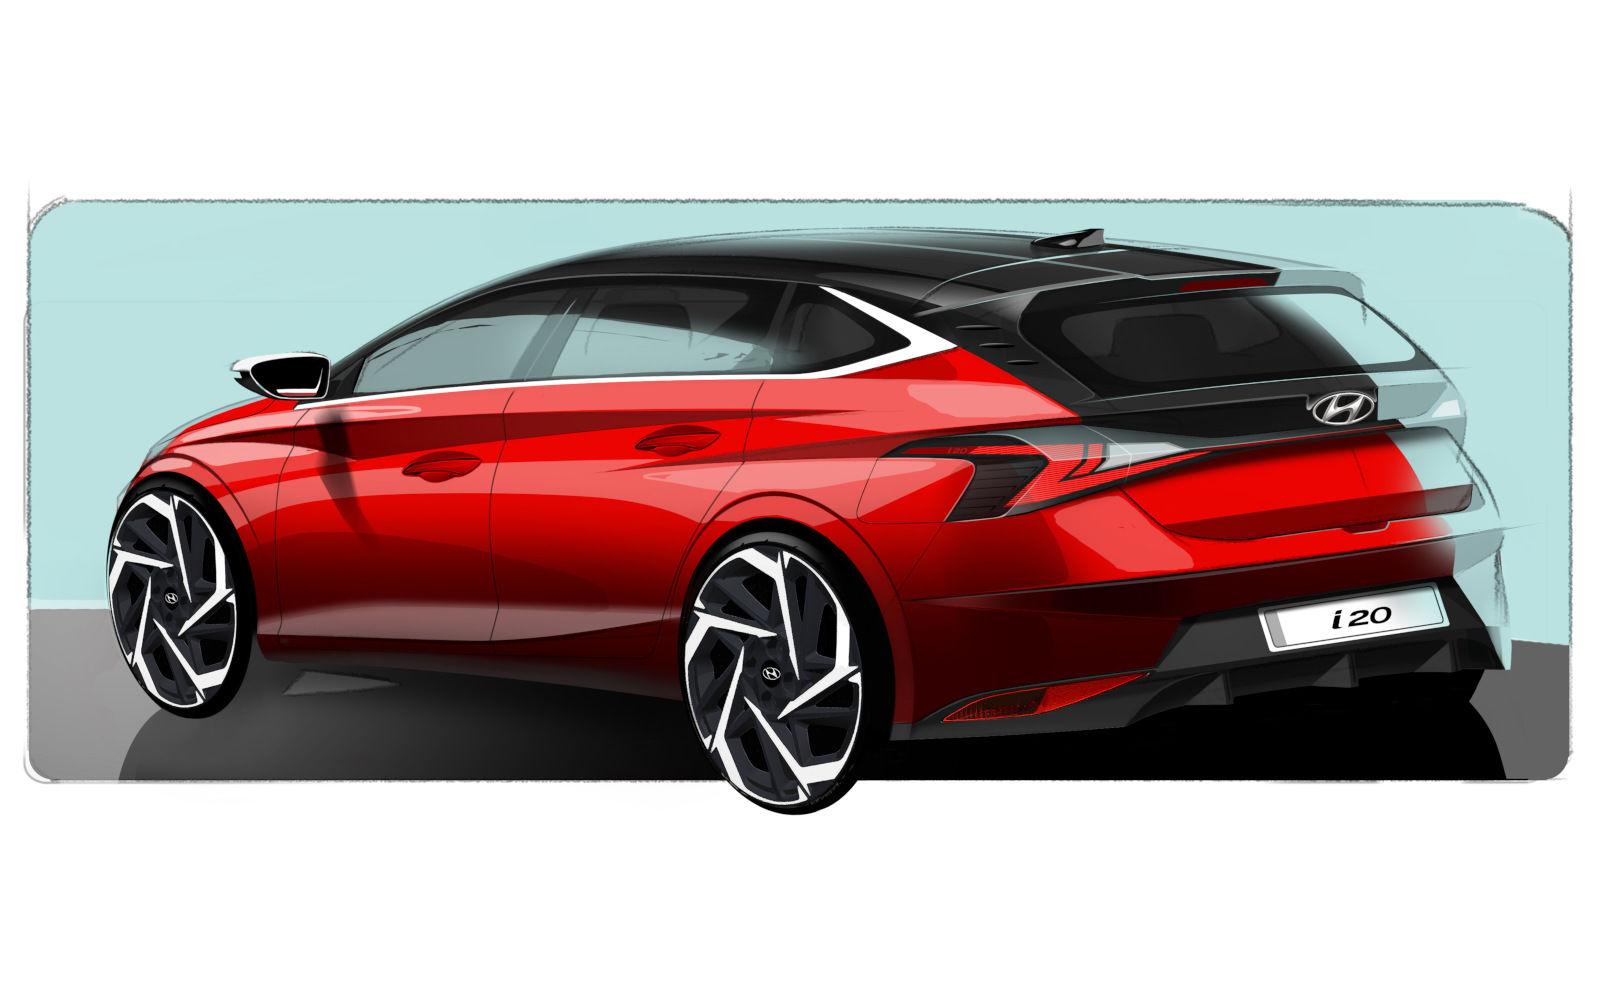 Hyundai presentó las primeras imágenes del nuevo i20